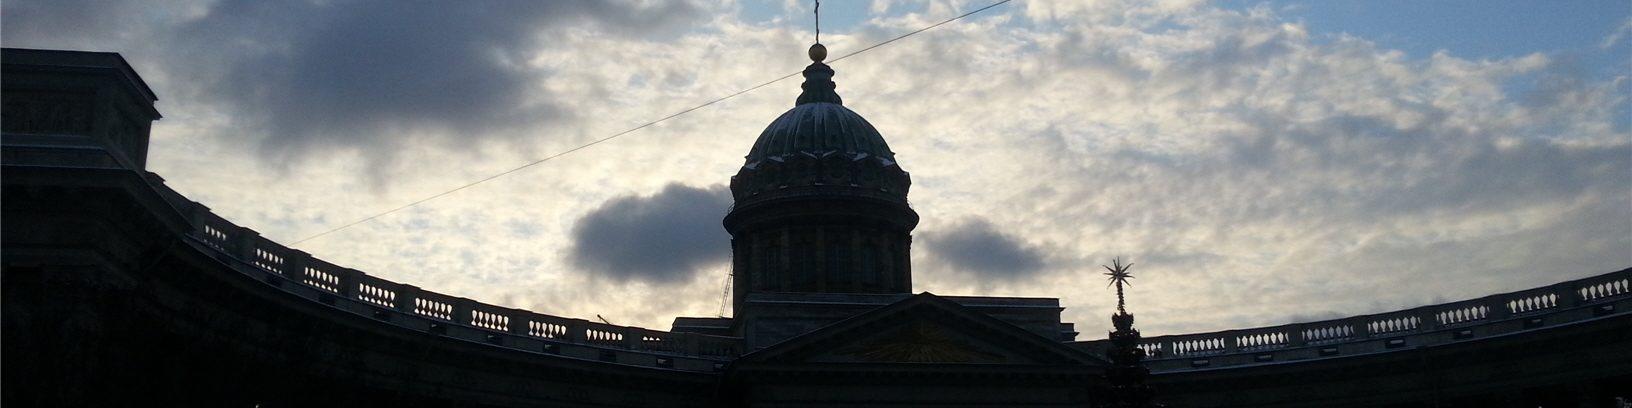 Зимнее небо над Казанским собором в Санкт-Петербурге